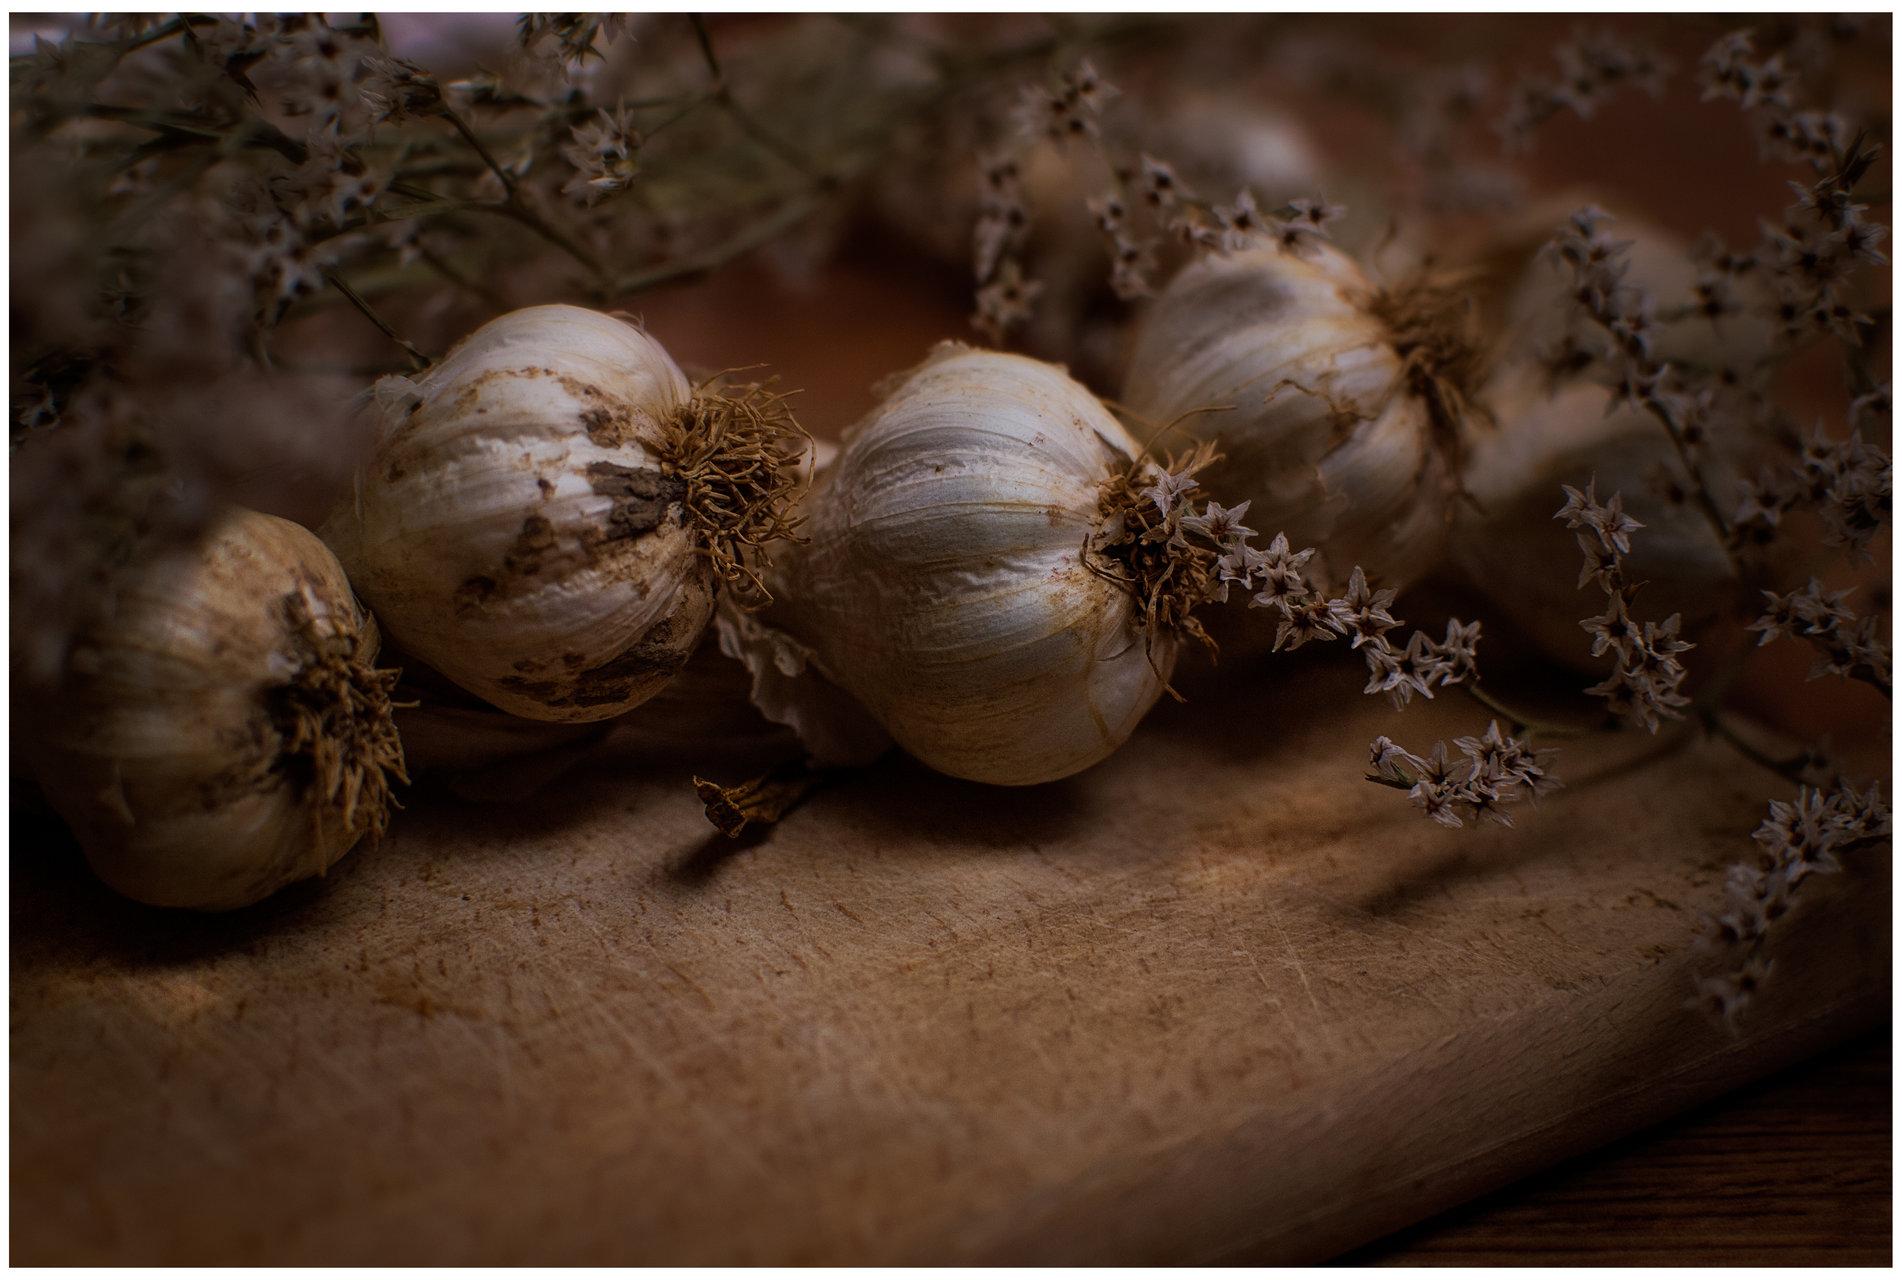 Garlic... от AsenAndreev - hunter1934